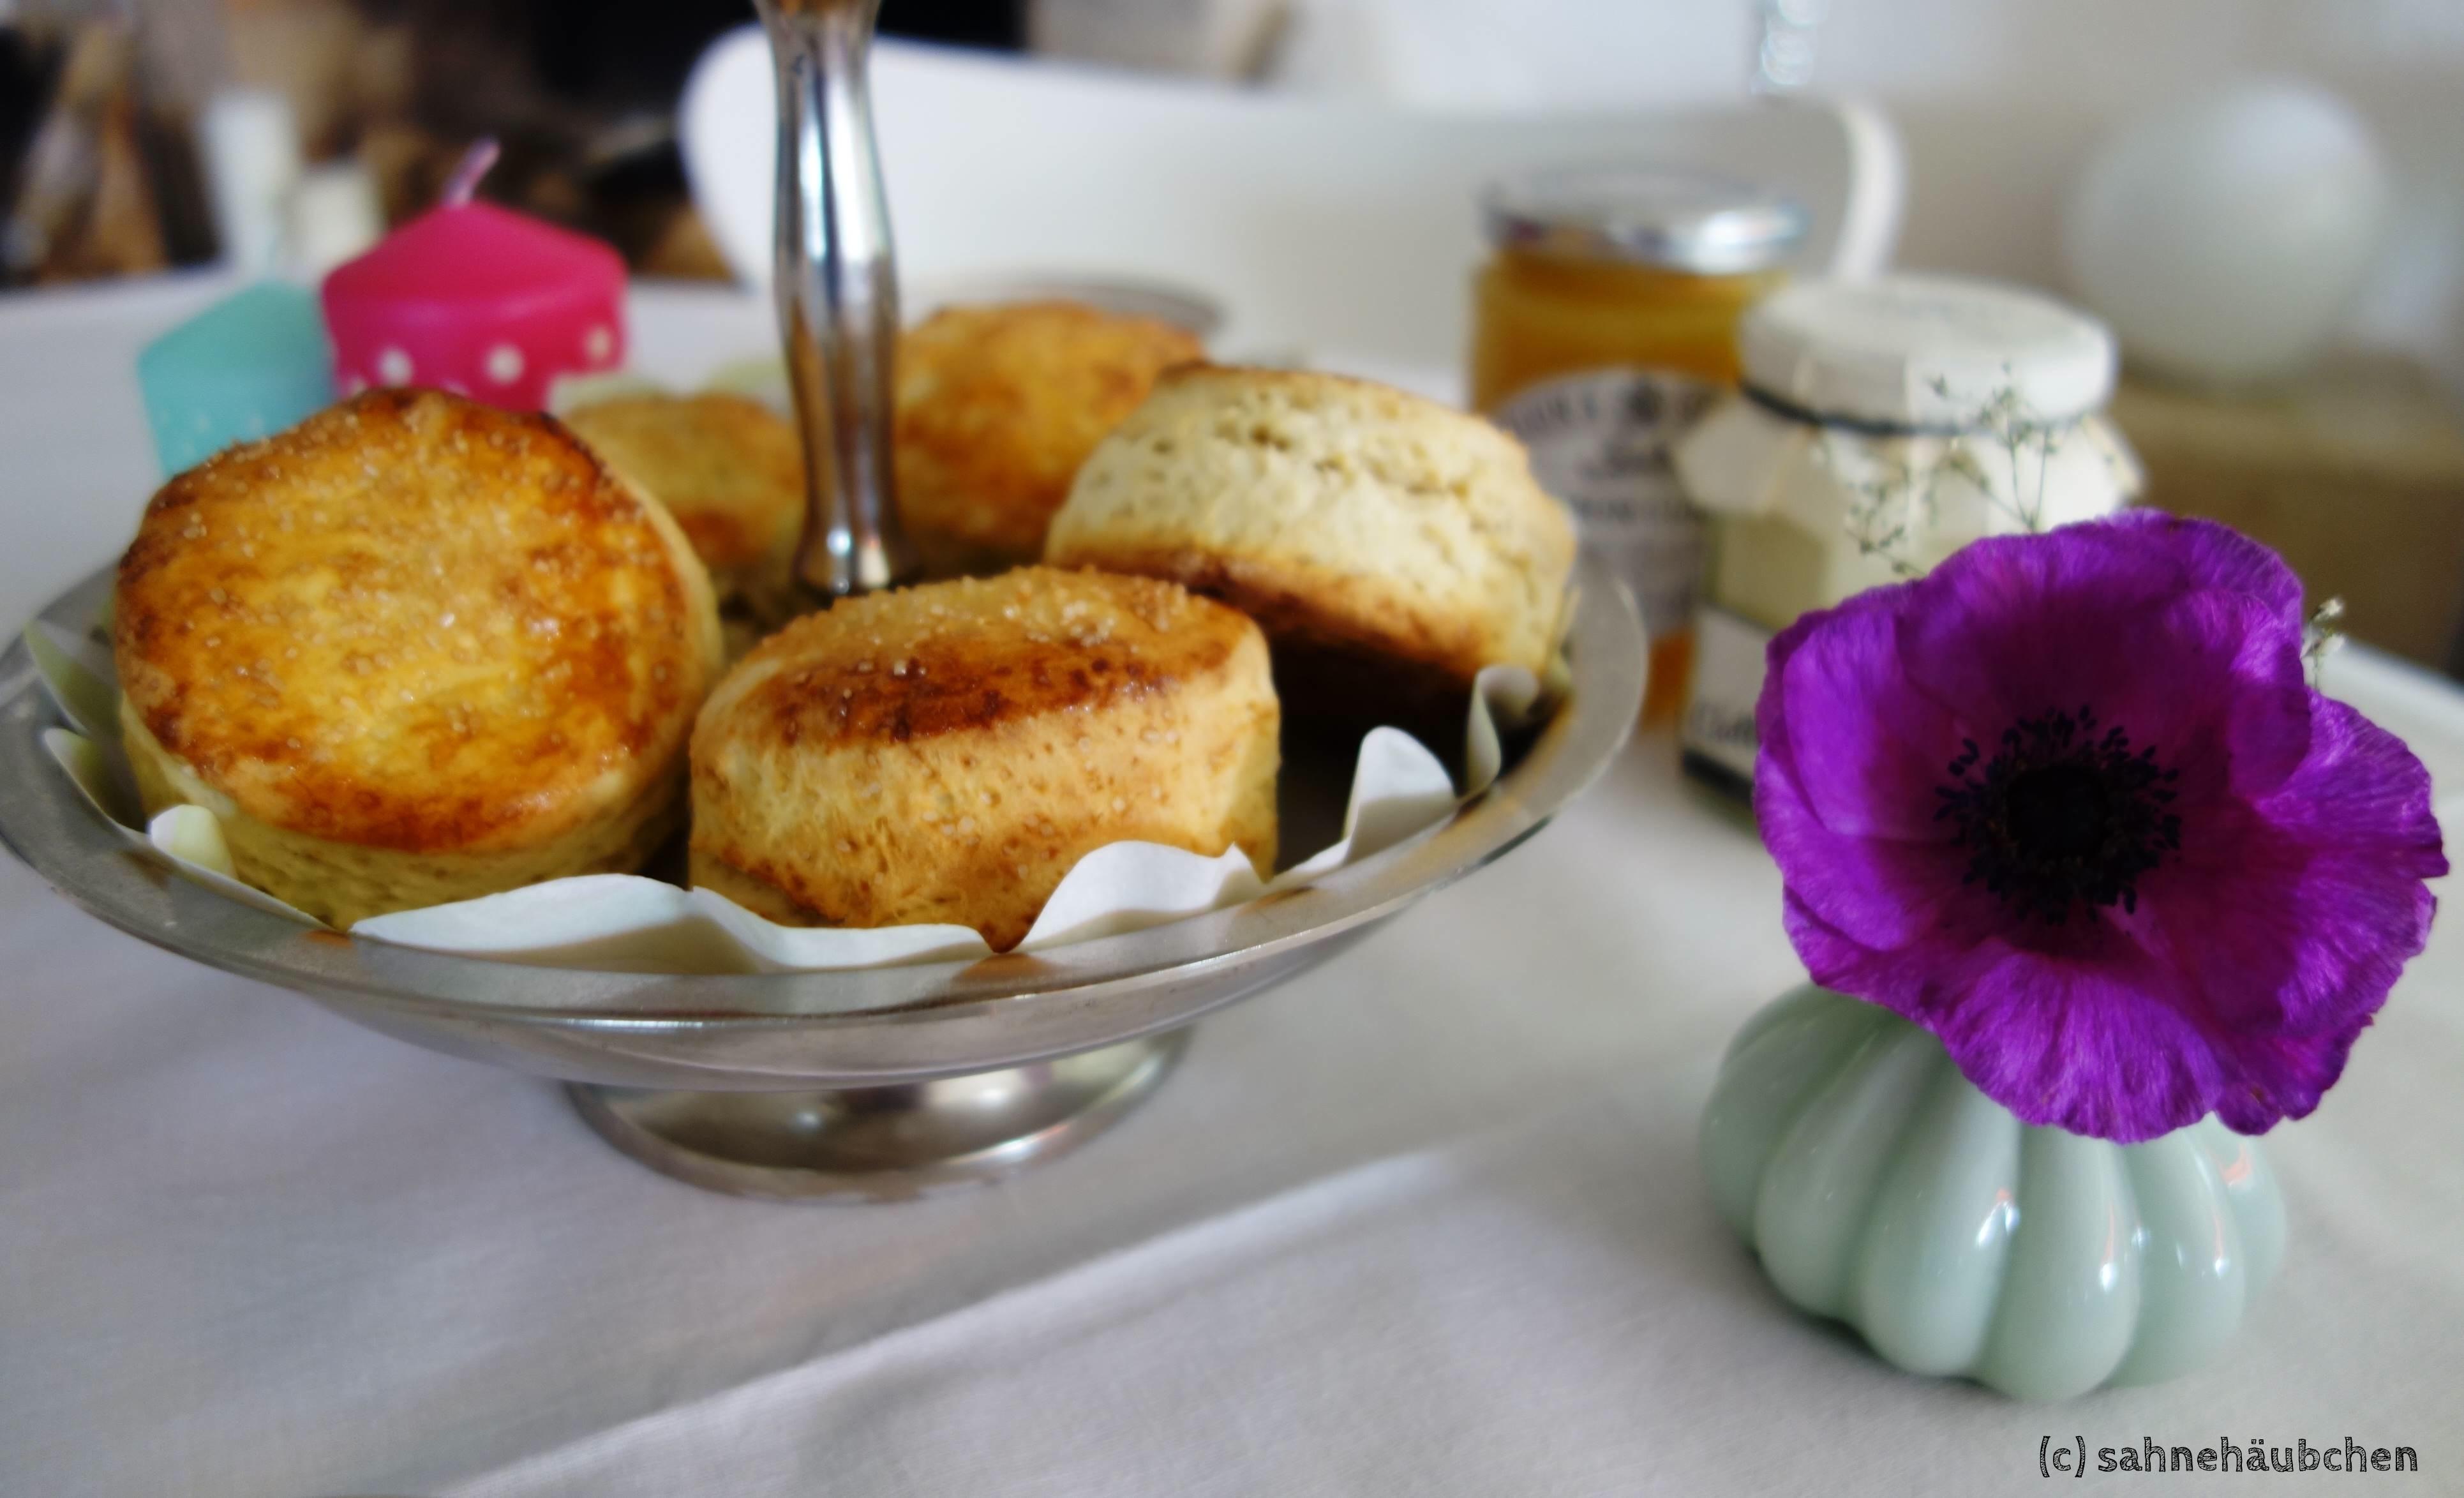 zwergalarm-zwergen-schmaus-scones-marmelade-blume-2014-03-14